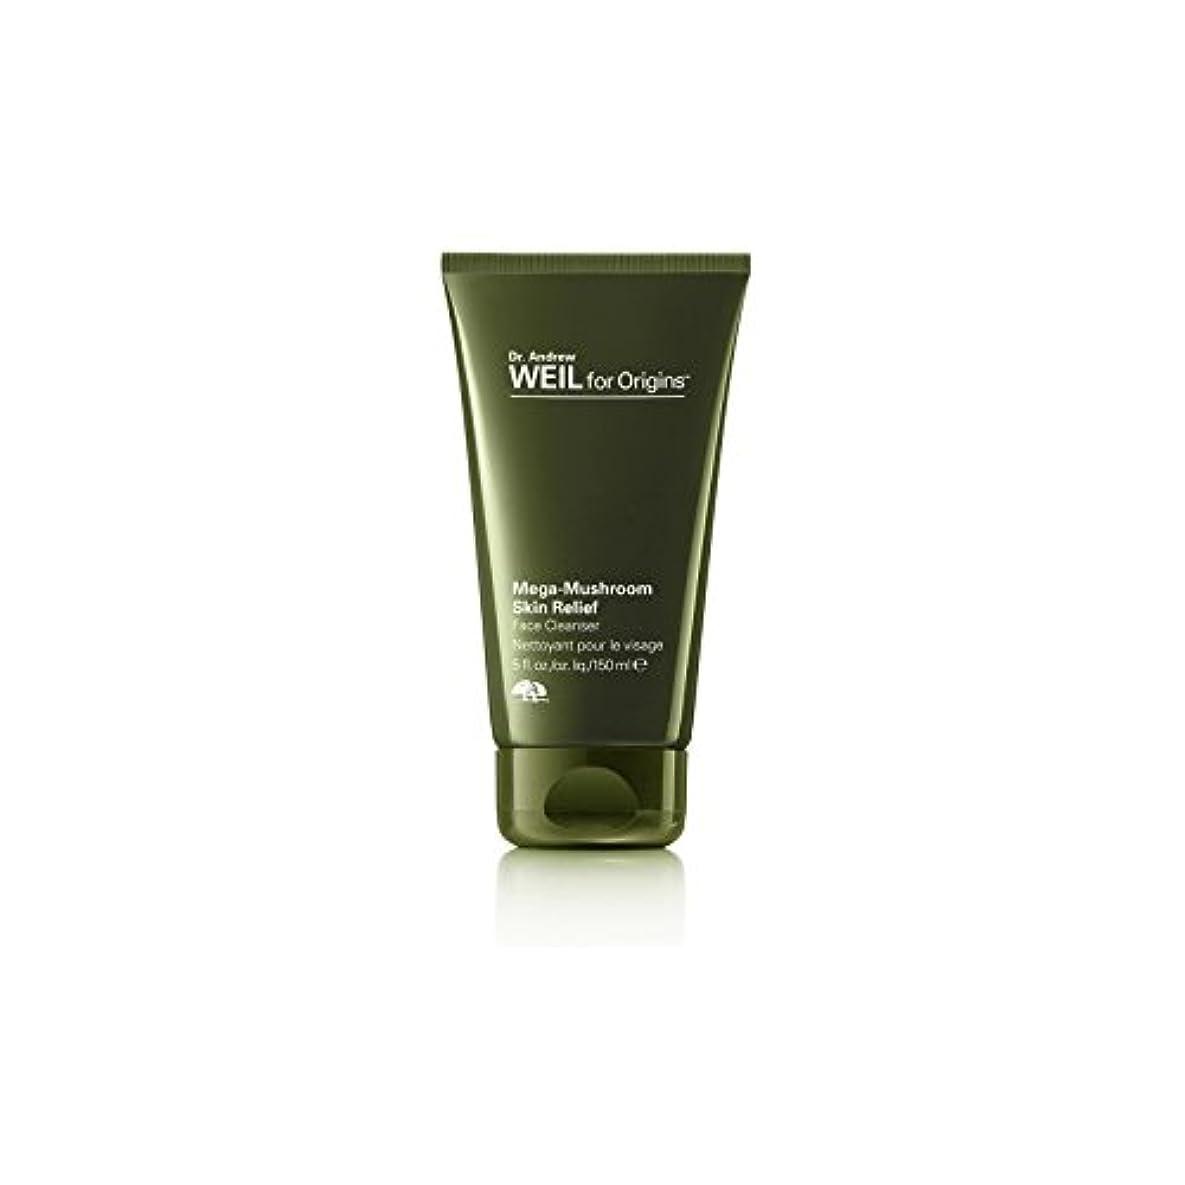 やる容疑者むしゃむしゃOrigins Dr. Andrew Weil For Origins Mega-Mushroom Skin Relief Face Cleanser 150ml - 起源アンドルー?ワイル起源メガキノコ皮膚救済顔クレンザー...